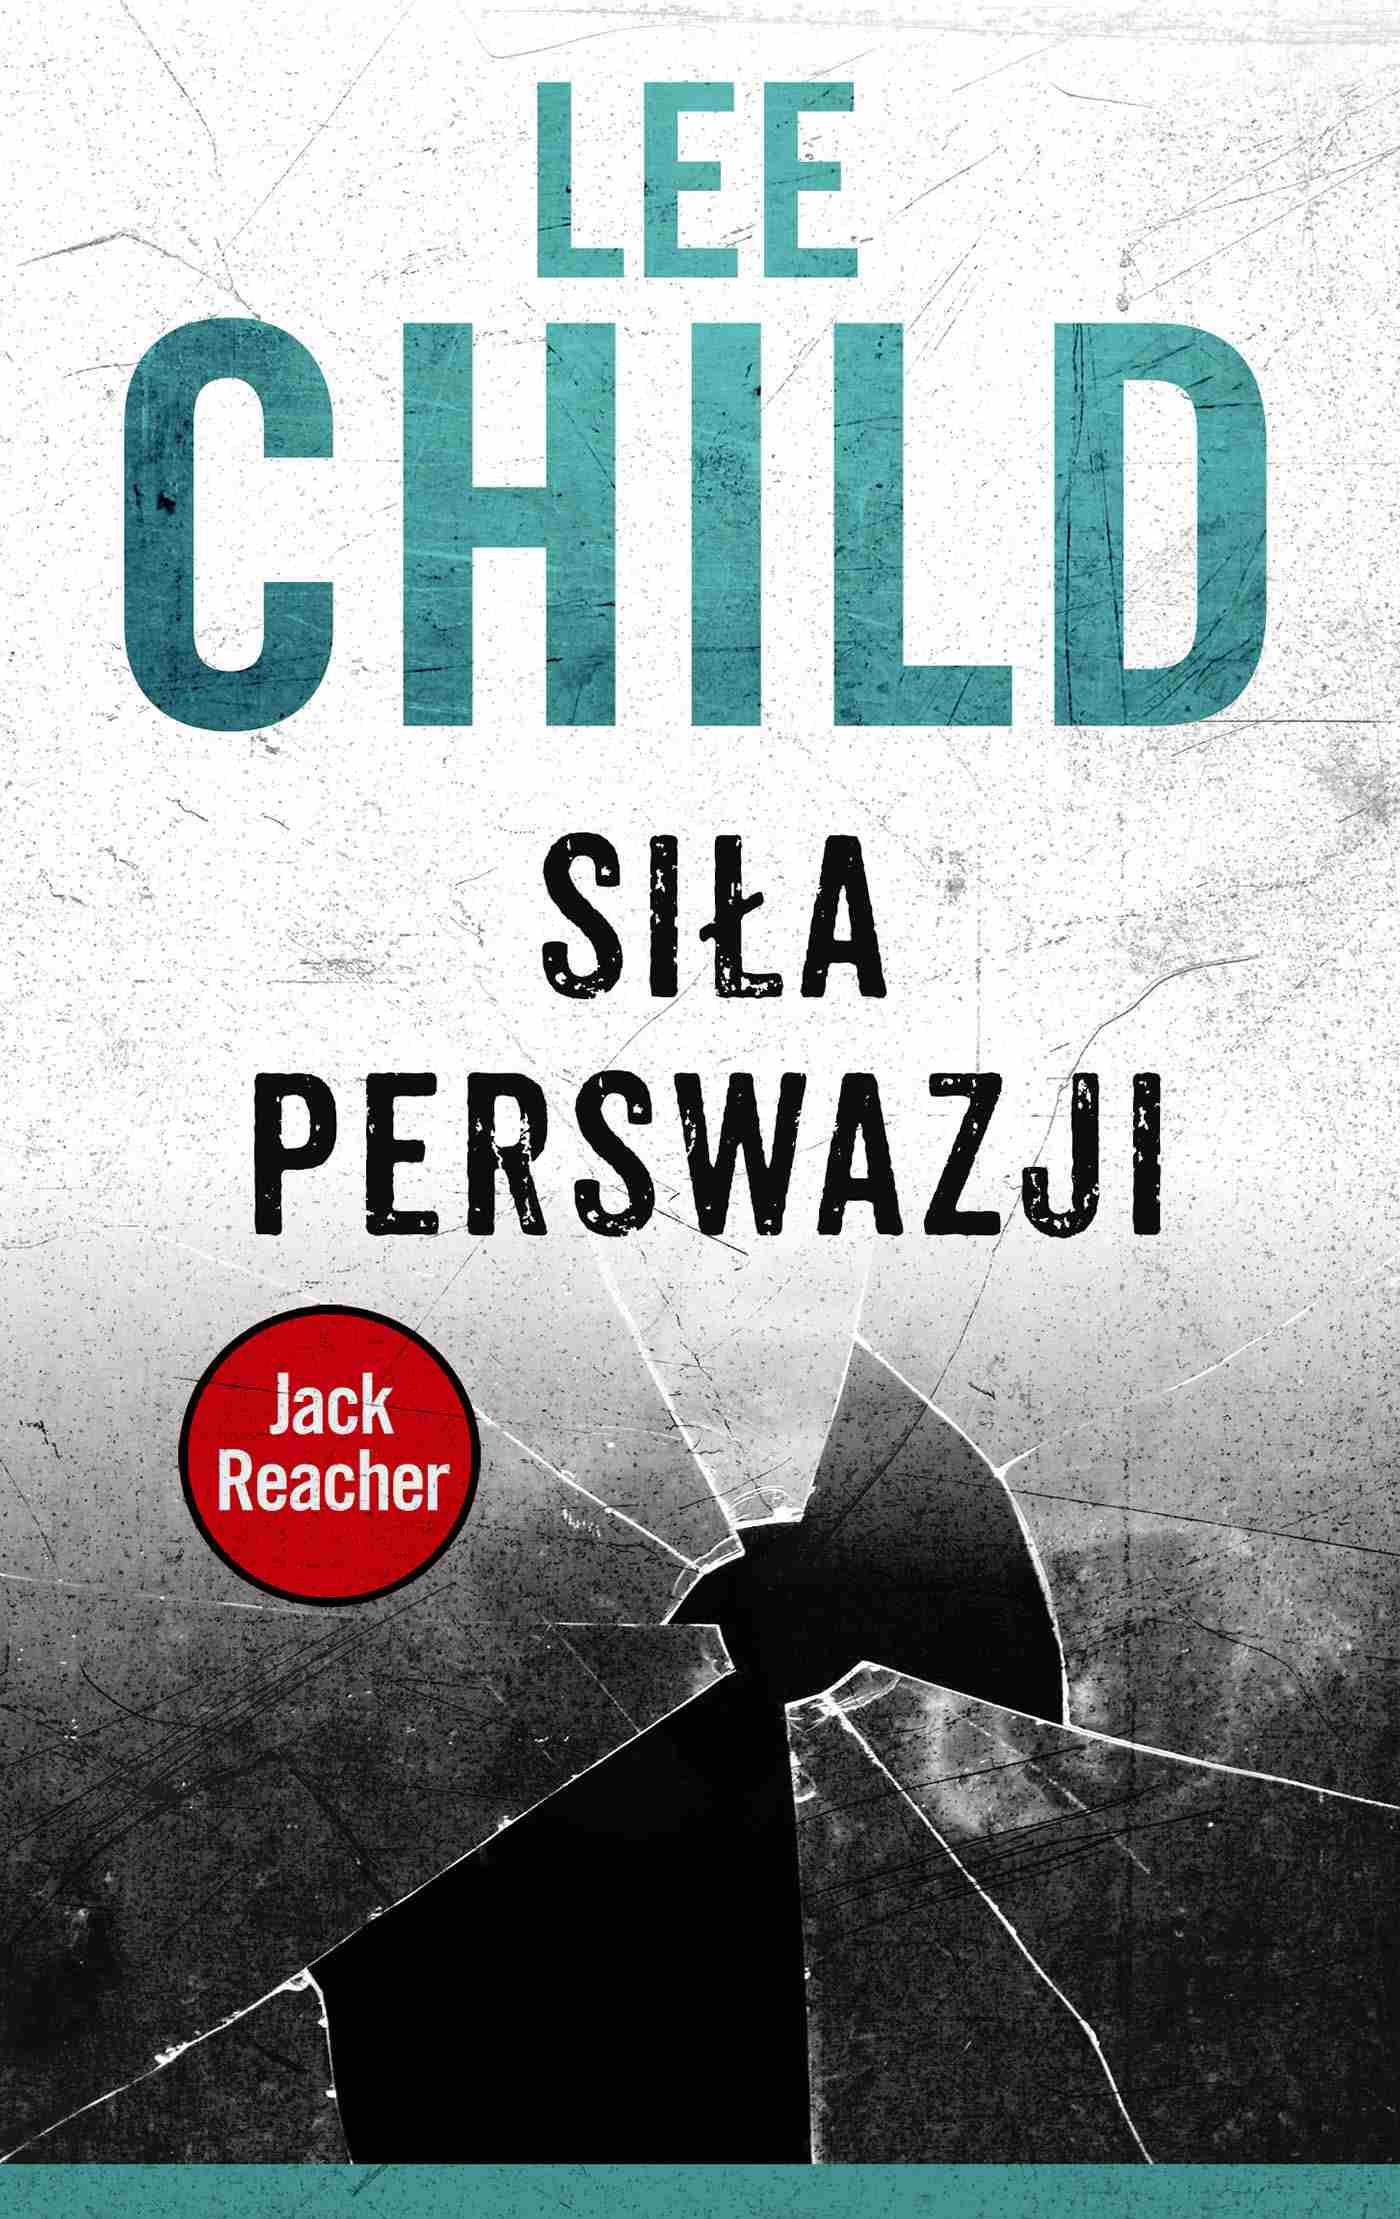 Jack Reacher. Siła perswazji - Ebook (Książka na Kindle) do pobrania w formacie MOBI